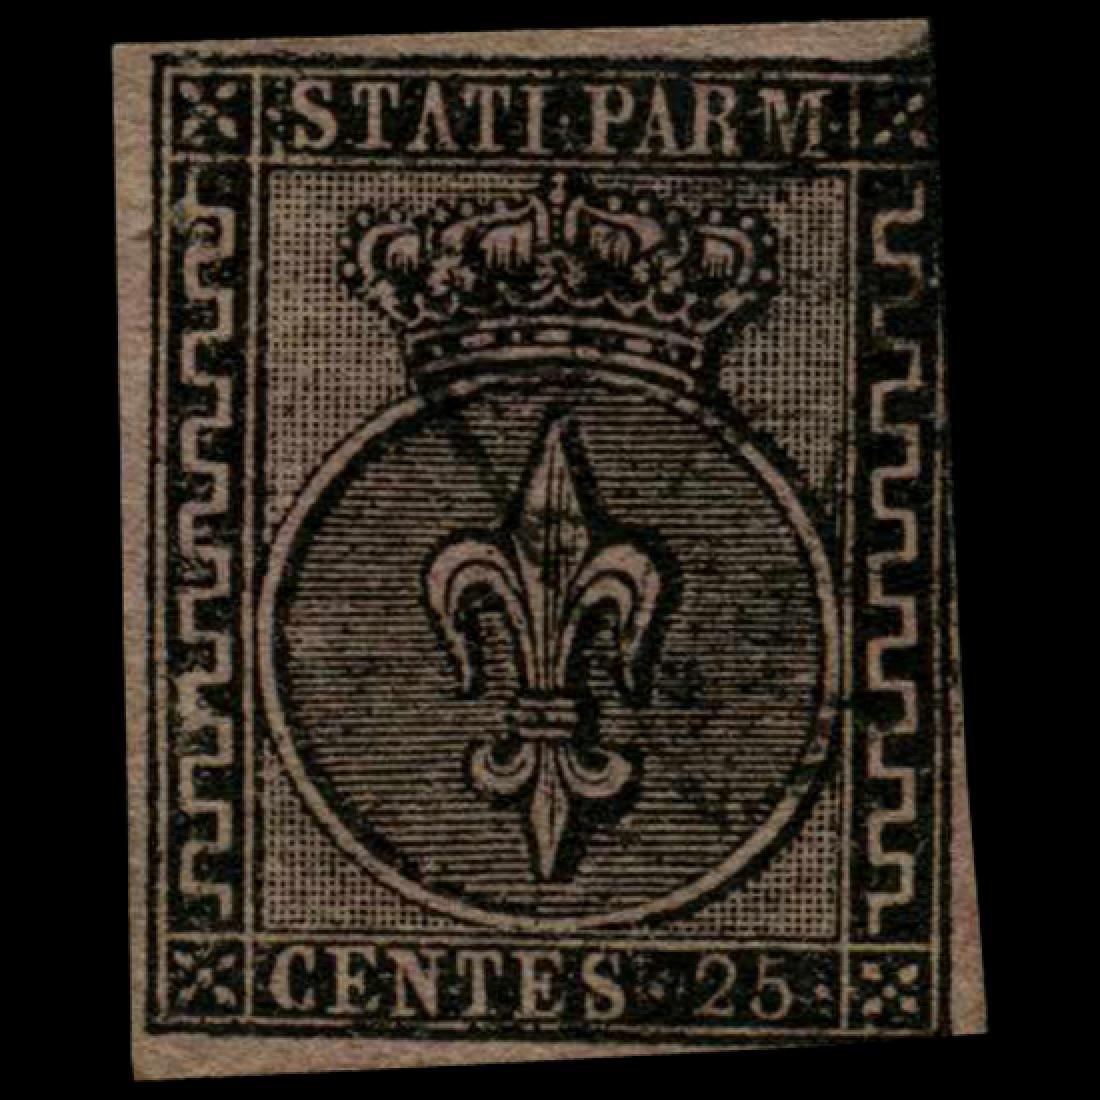 1852 Parma 25c Stamp